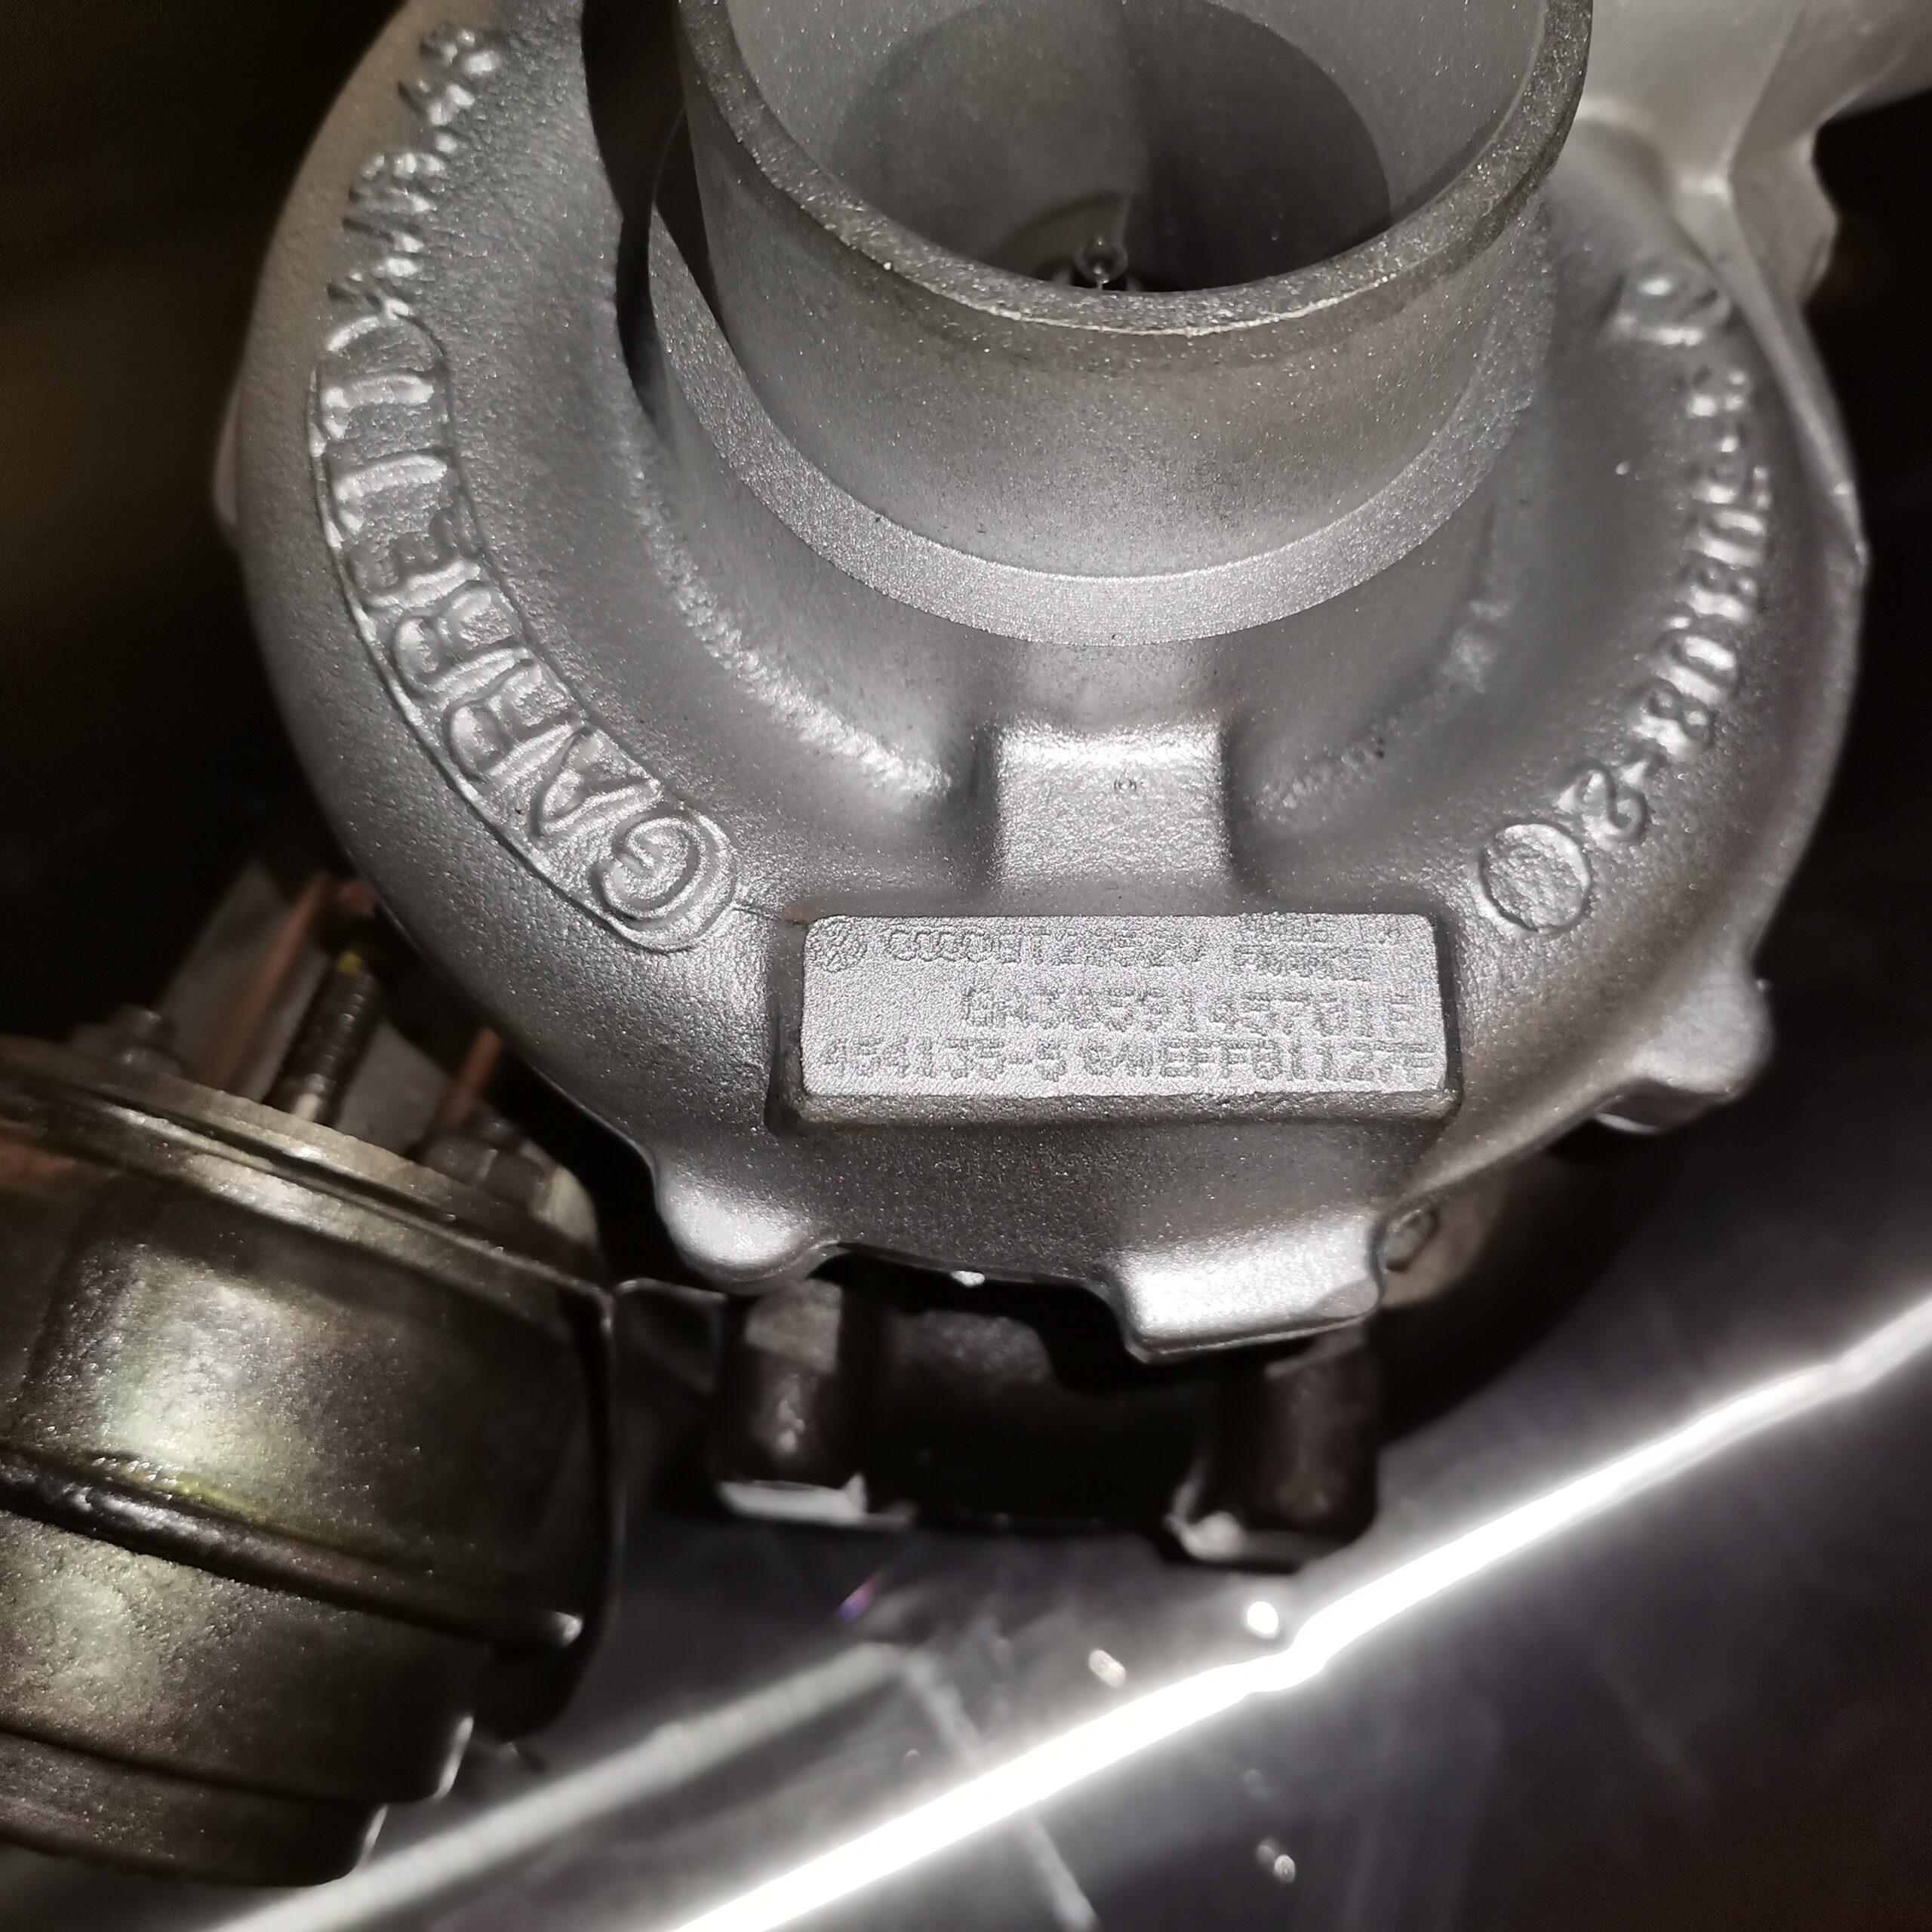 Турбокомпрессор Audi A6 2.5 TDI после реставрации и балансировки